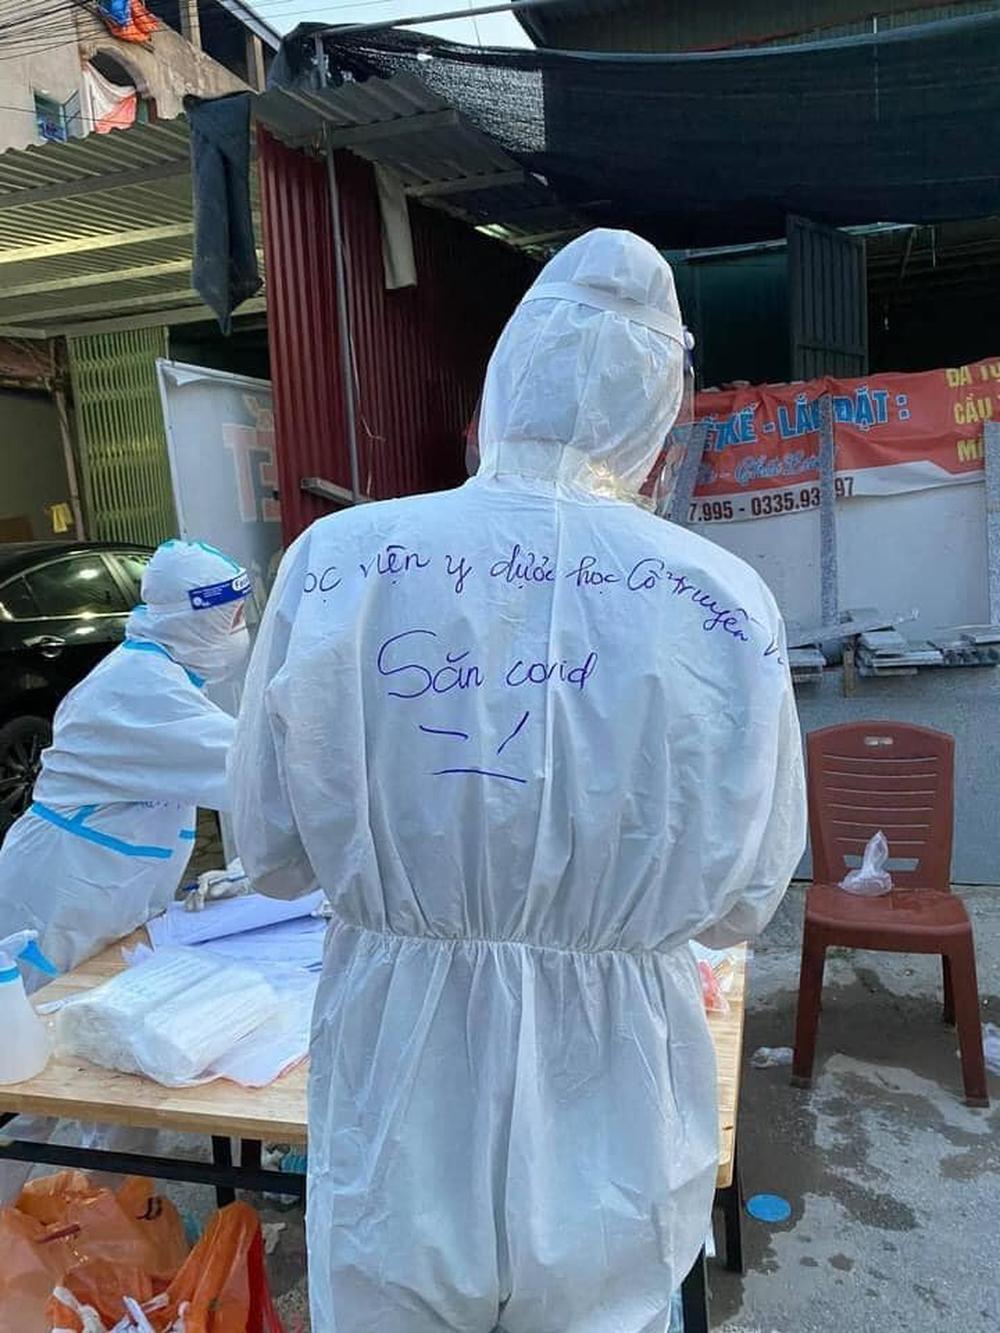 Những lời nhắn viết trên áo bảo hộ của các y bác sĩ ở tâm dịch khiến dư luận xôn xao  - Ảnh 6.